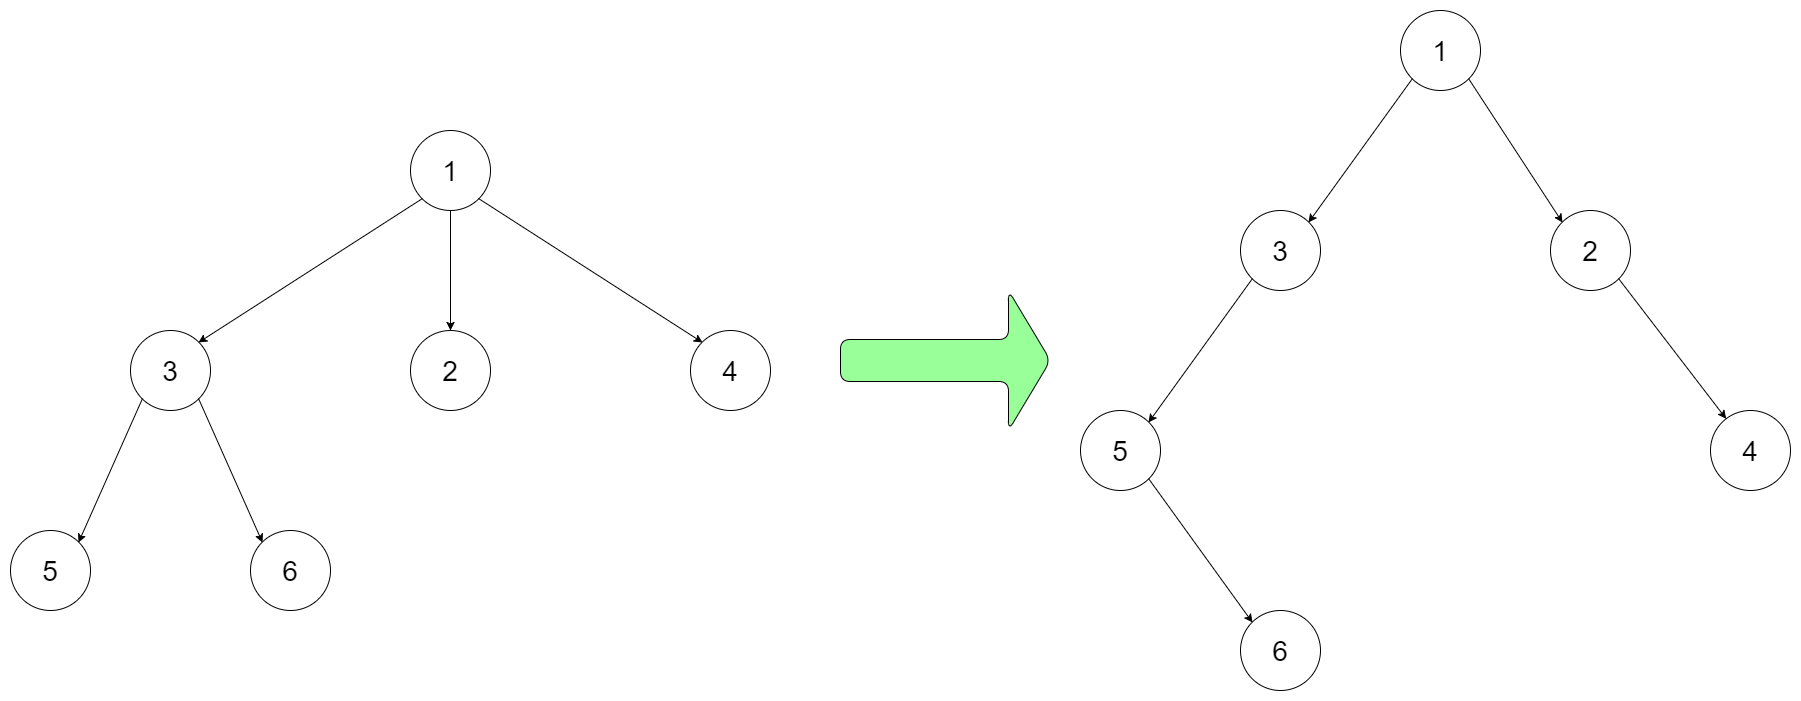 Encode N-ary Tree to Binary Tree · Algorithms